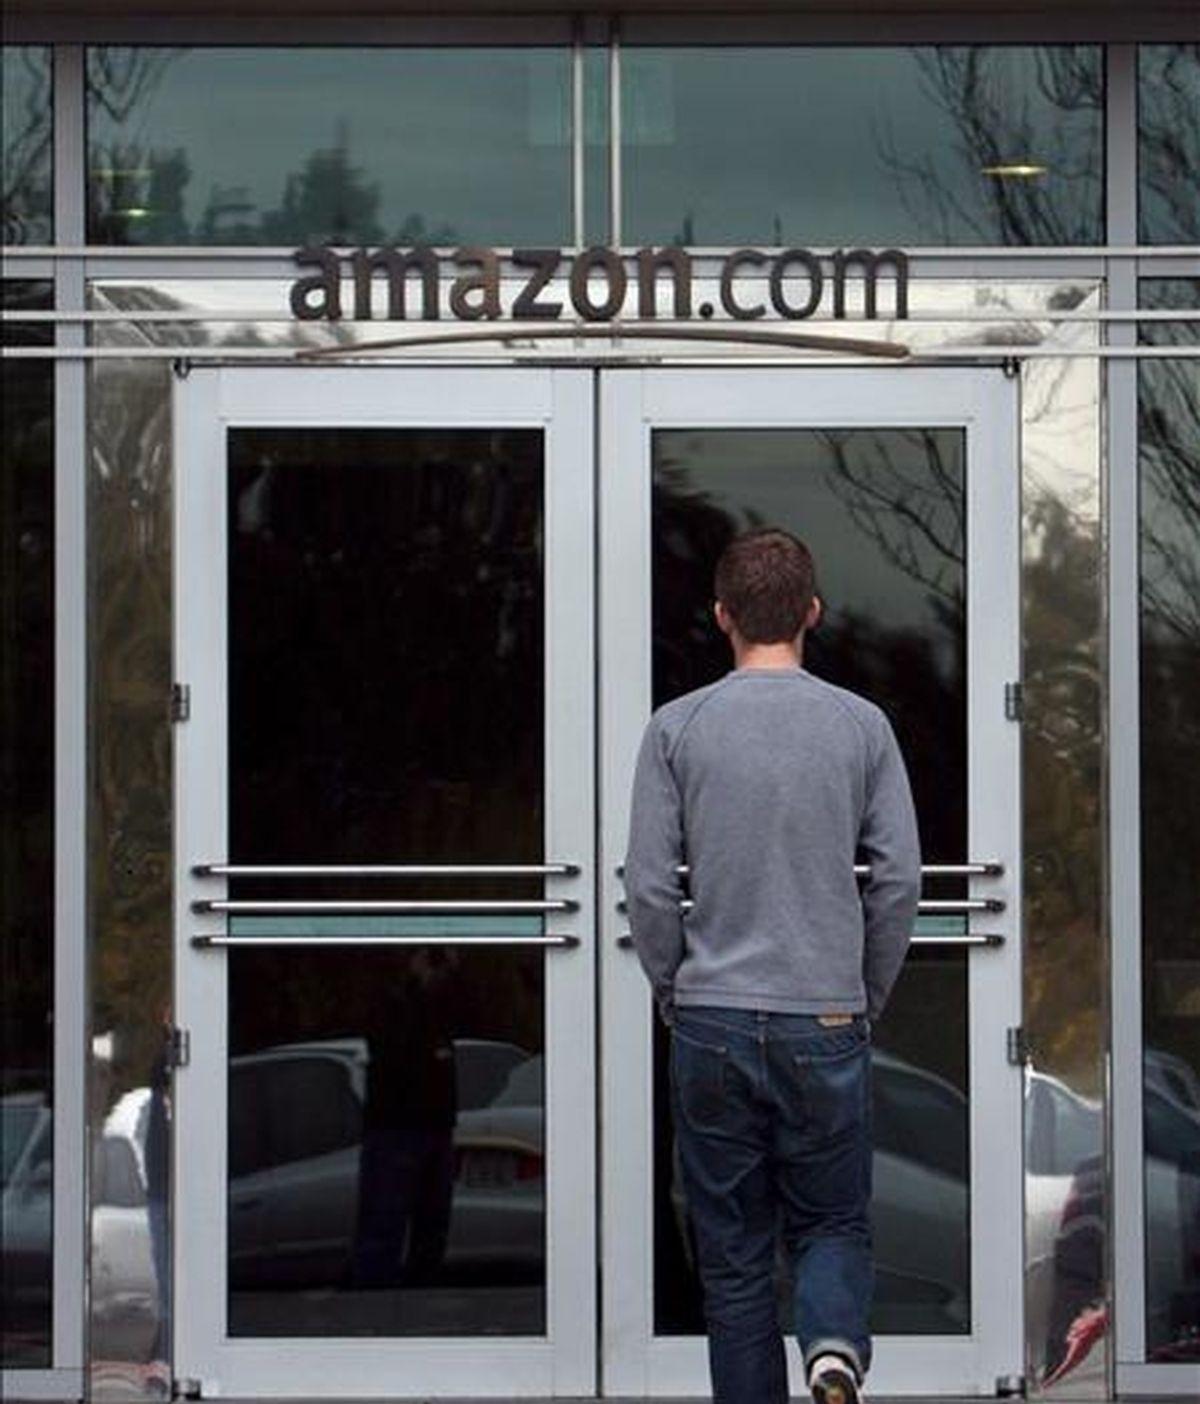 En octubre pasado, Amazon ya lanzó al mercado una versión internacional de ese modelo más sencillo y con capacidad para descargar contenidos de manera inalámbrica fuera de Estados Unidos, a un precio de 279 dólares. EFE/Archivo